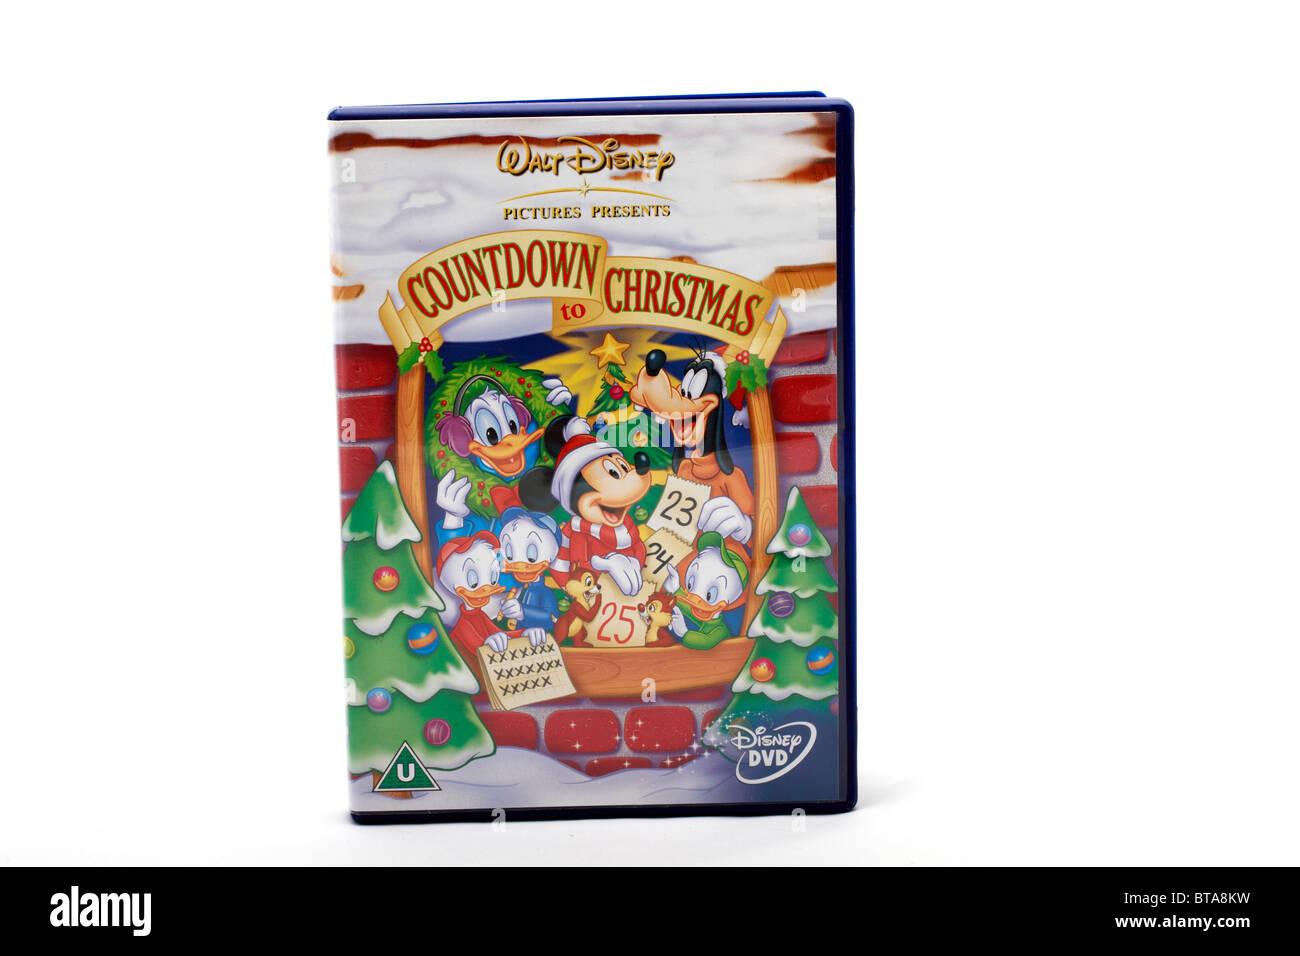 A Disney Christmas Gift Dvd.Christmas Dvd Stock Photos Christmas Dvd Stock Images Alamy